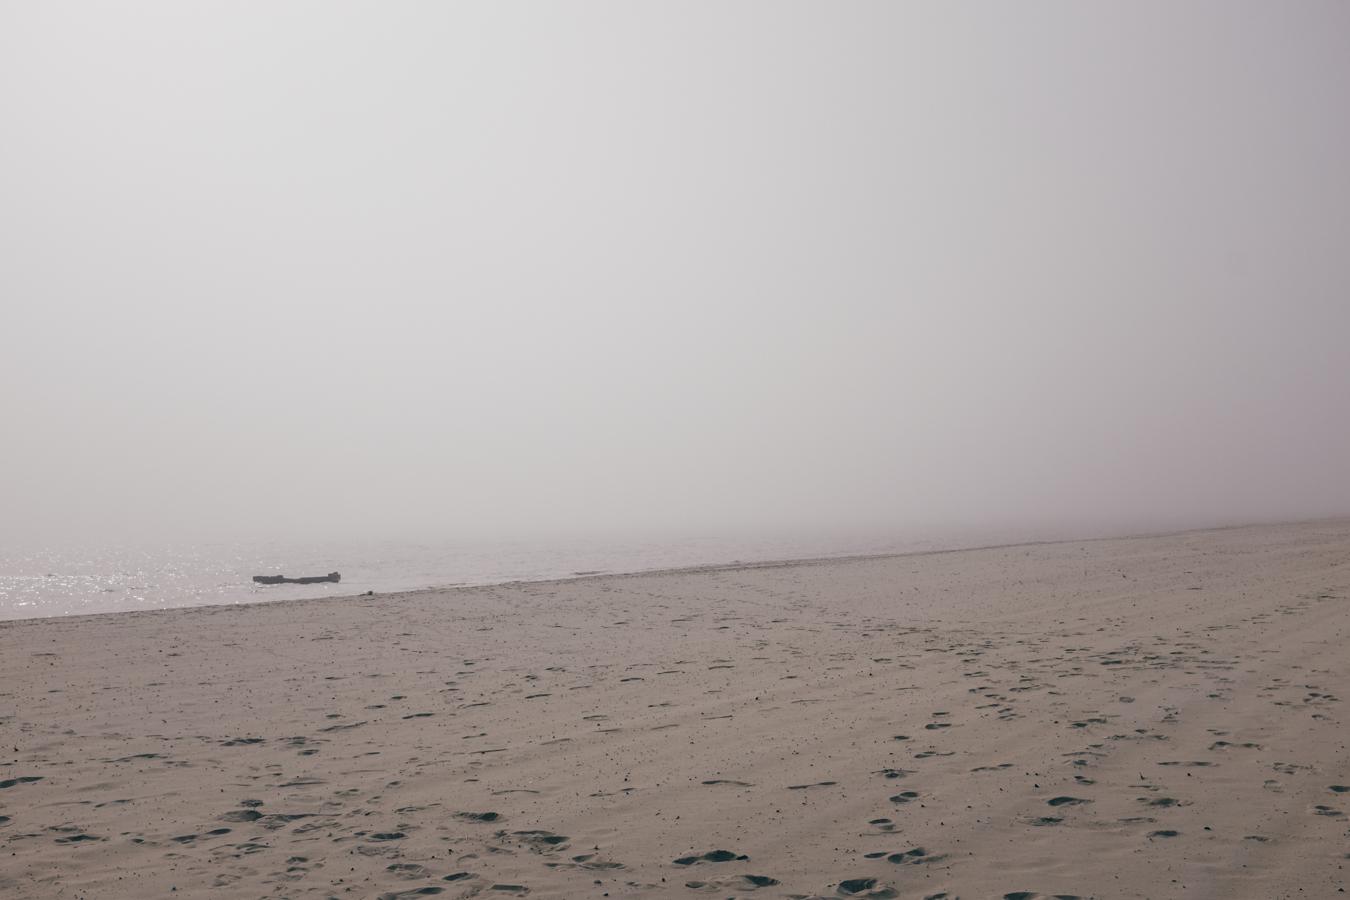 KK_foggybeach-1470.jpg